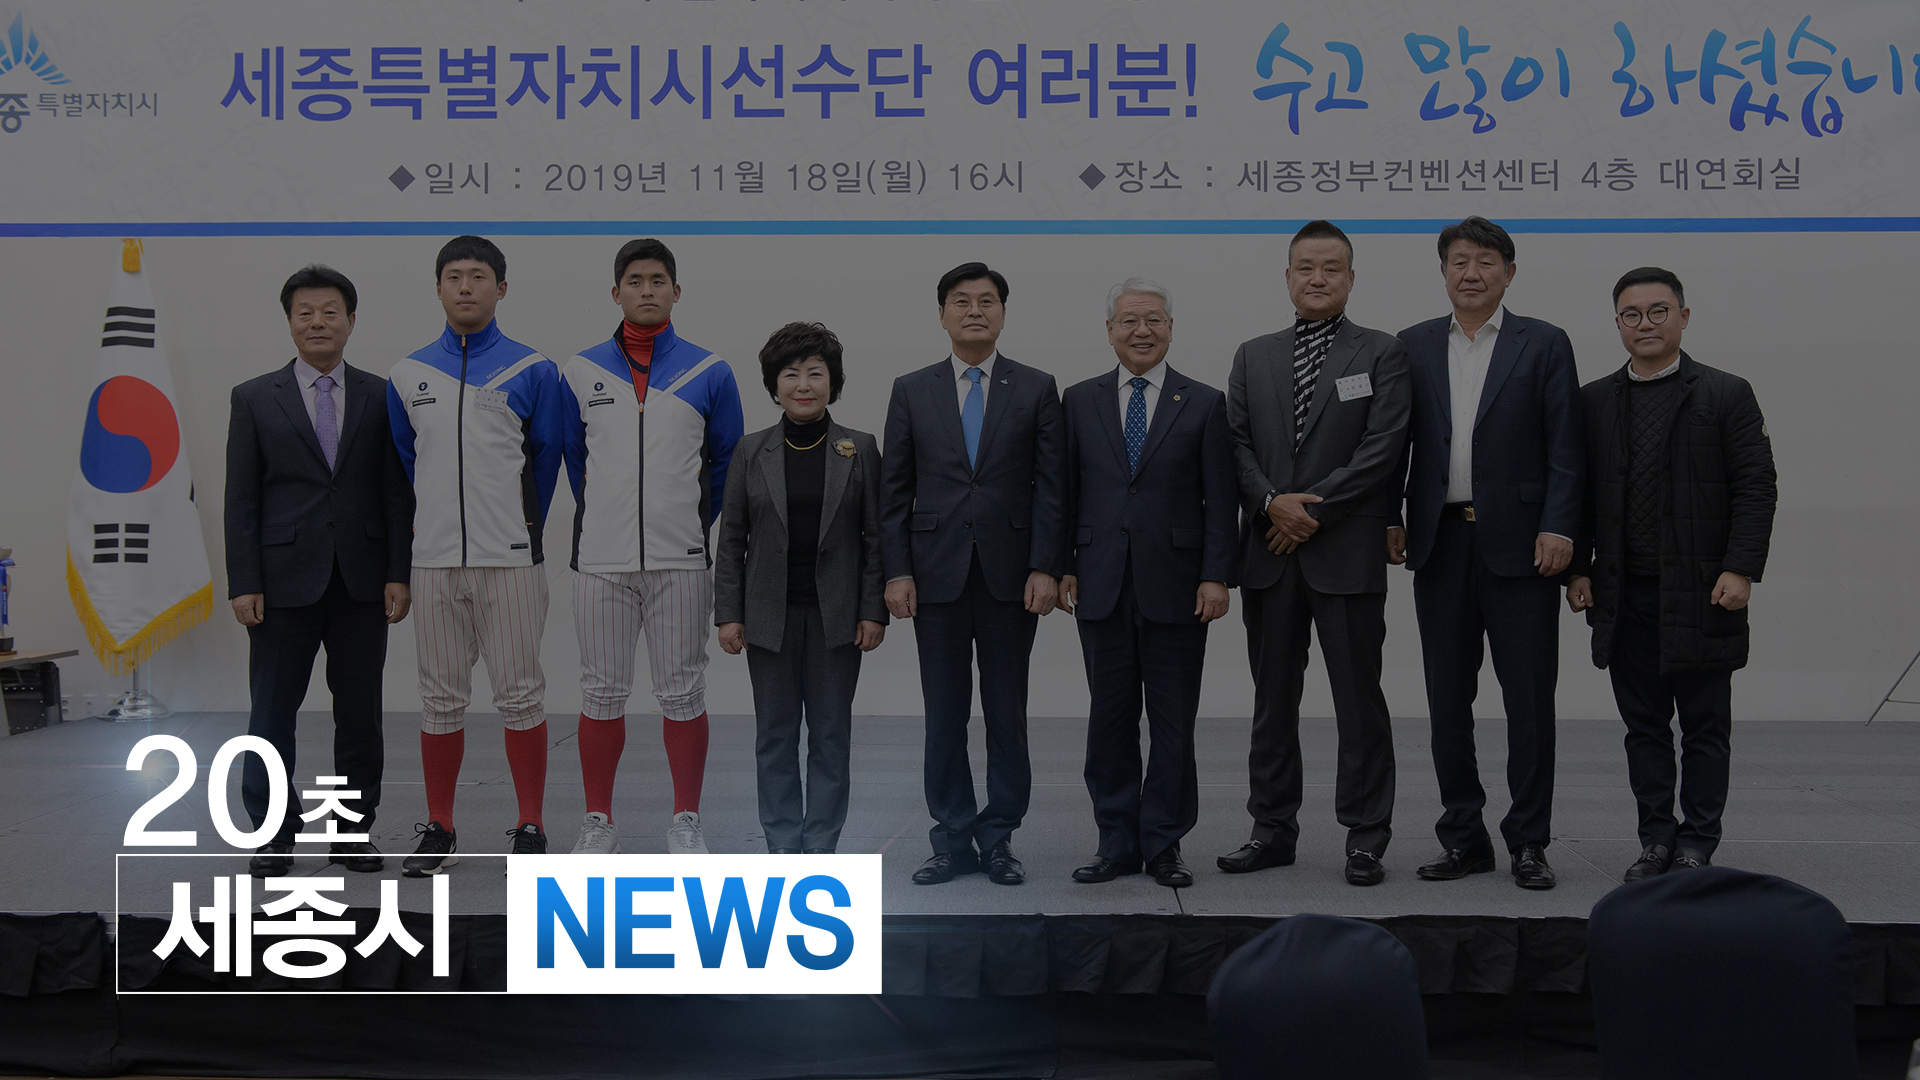 <20초뉴스> 제100회 전국체육대회 세종시선수단 해단식 개최